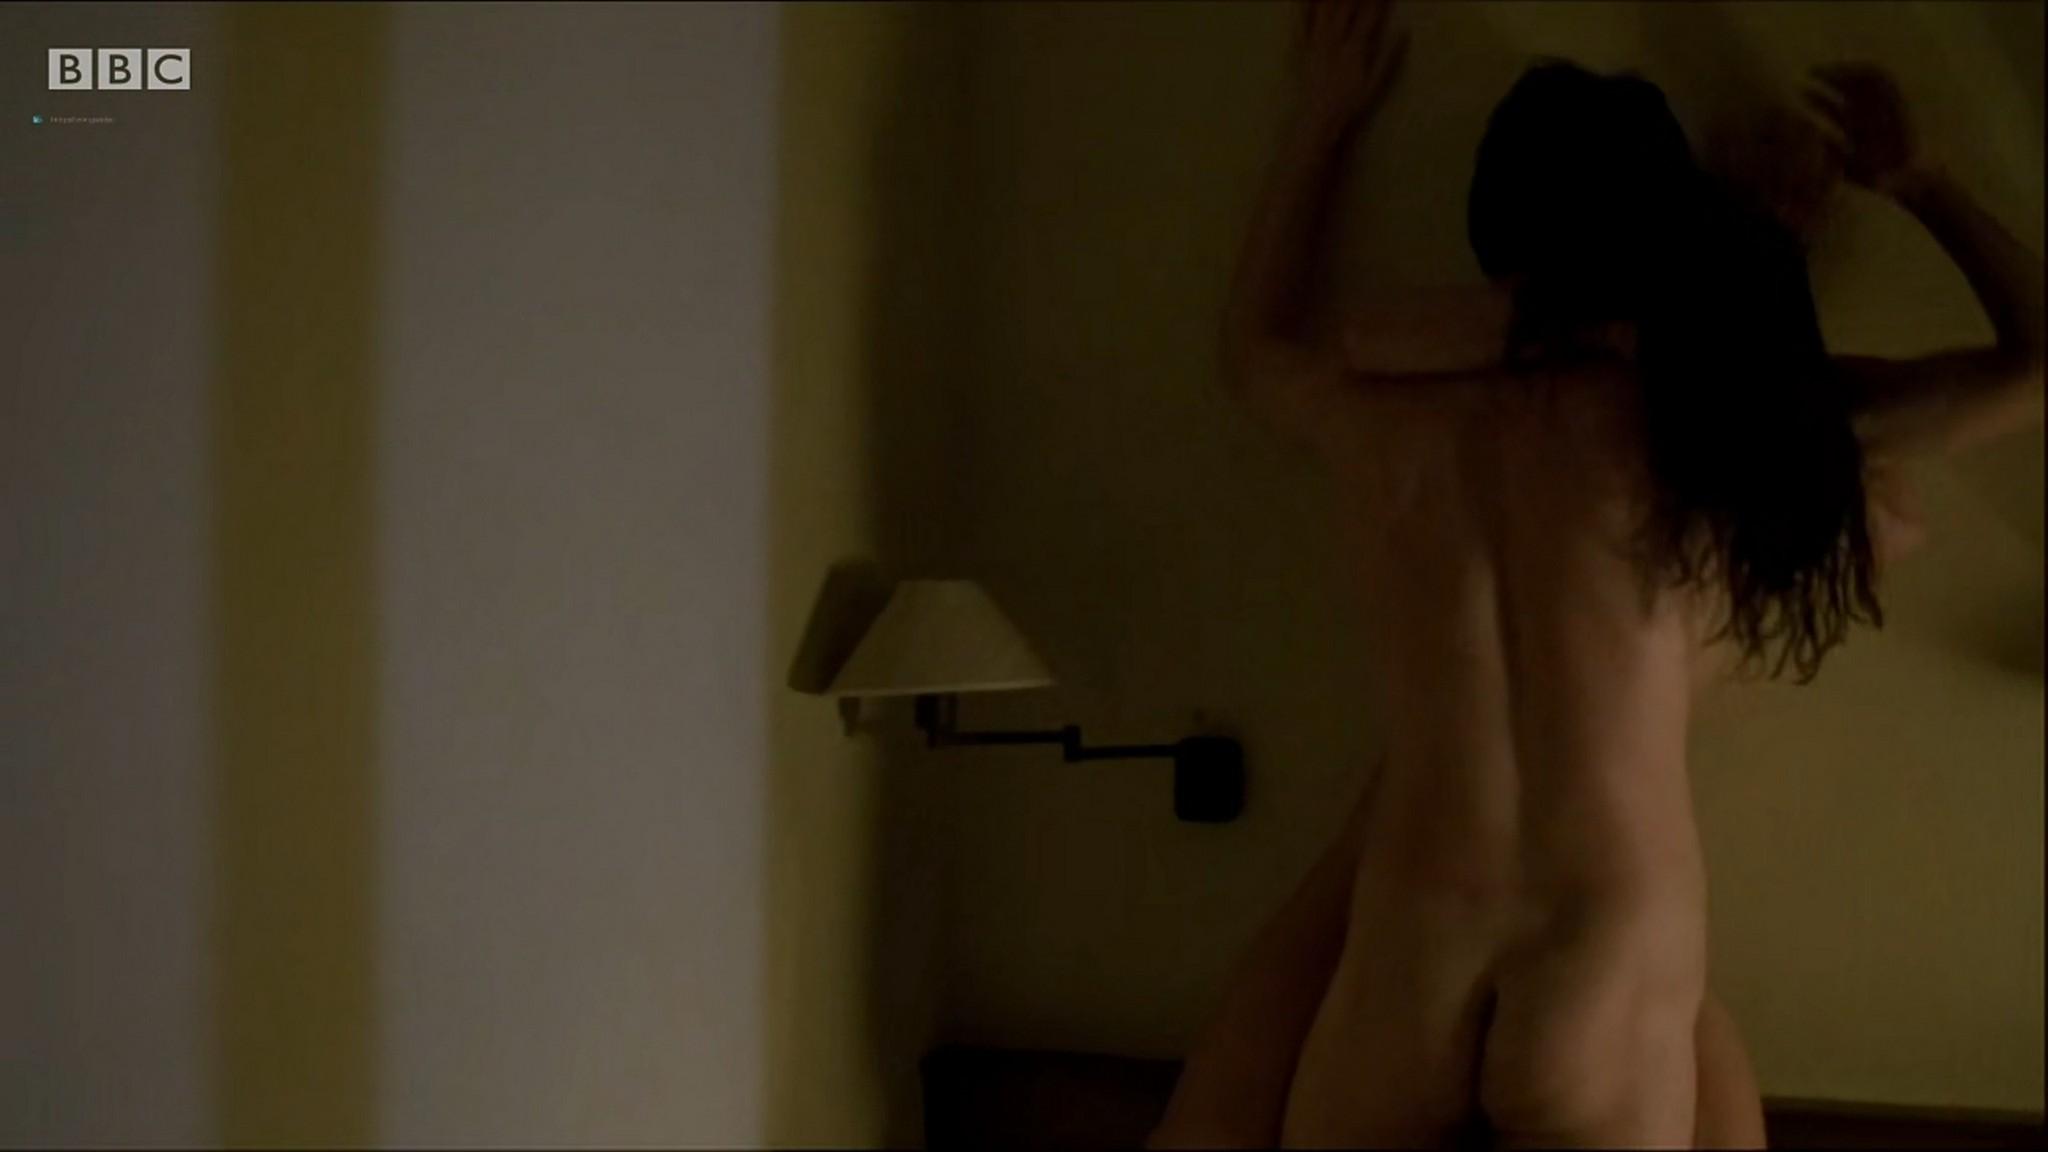 Samantha Morton nude topless Kathleen McDermott nude too- Morvern Callar (UK-2002) HDTV 720p